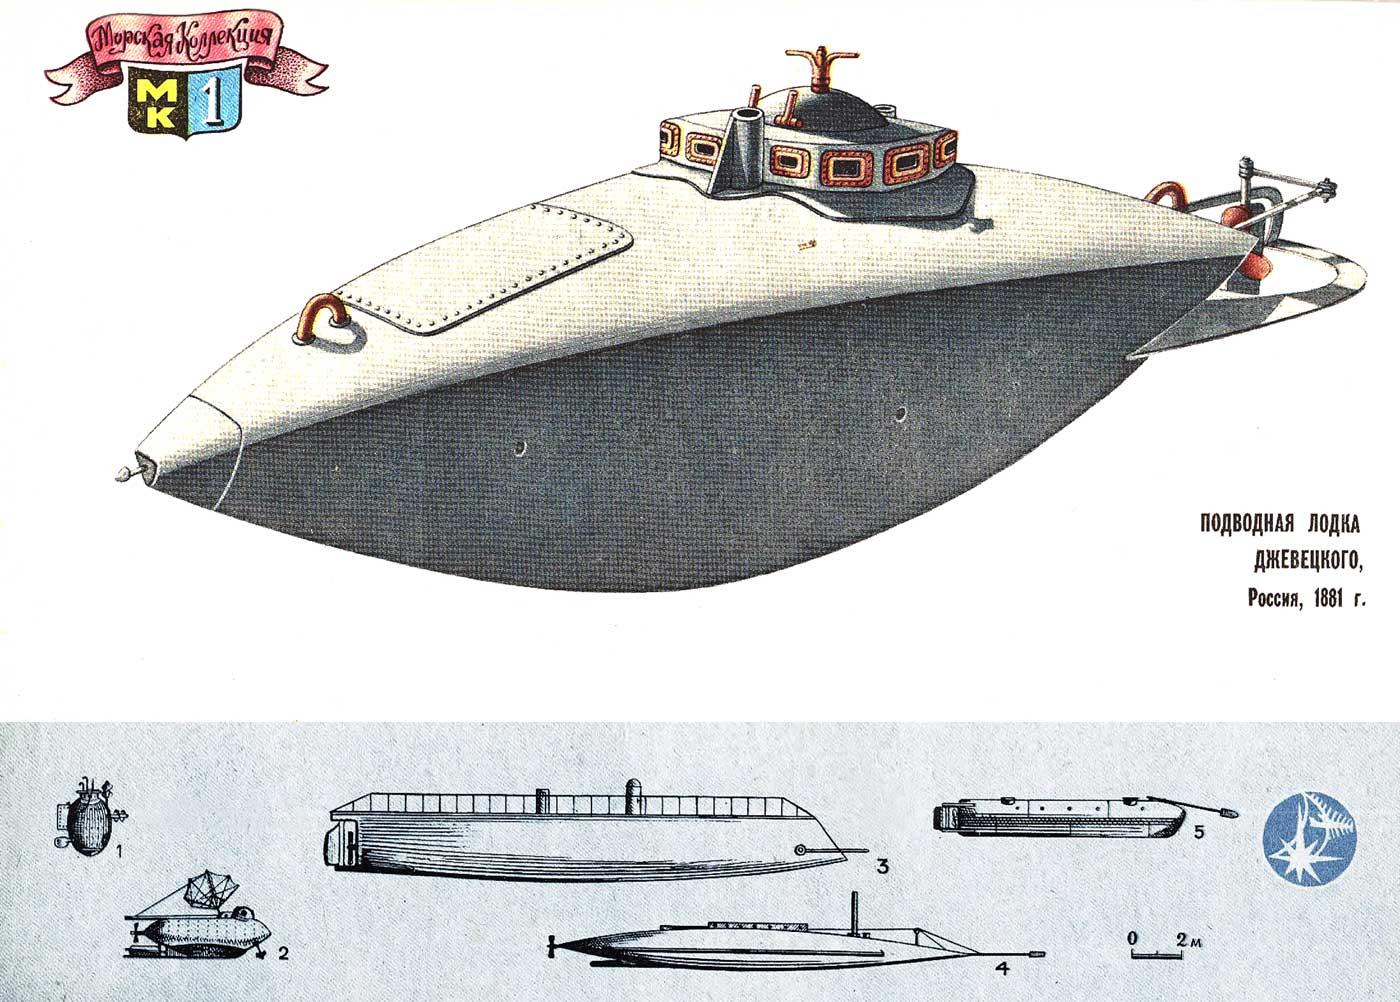 Подводная лодка Джевецкого. Исторический Справочник